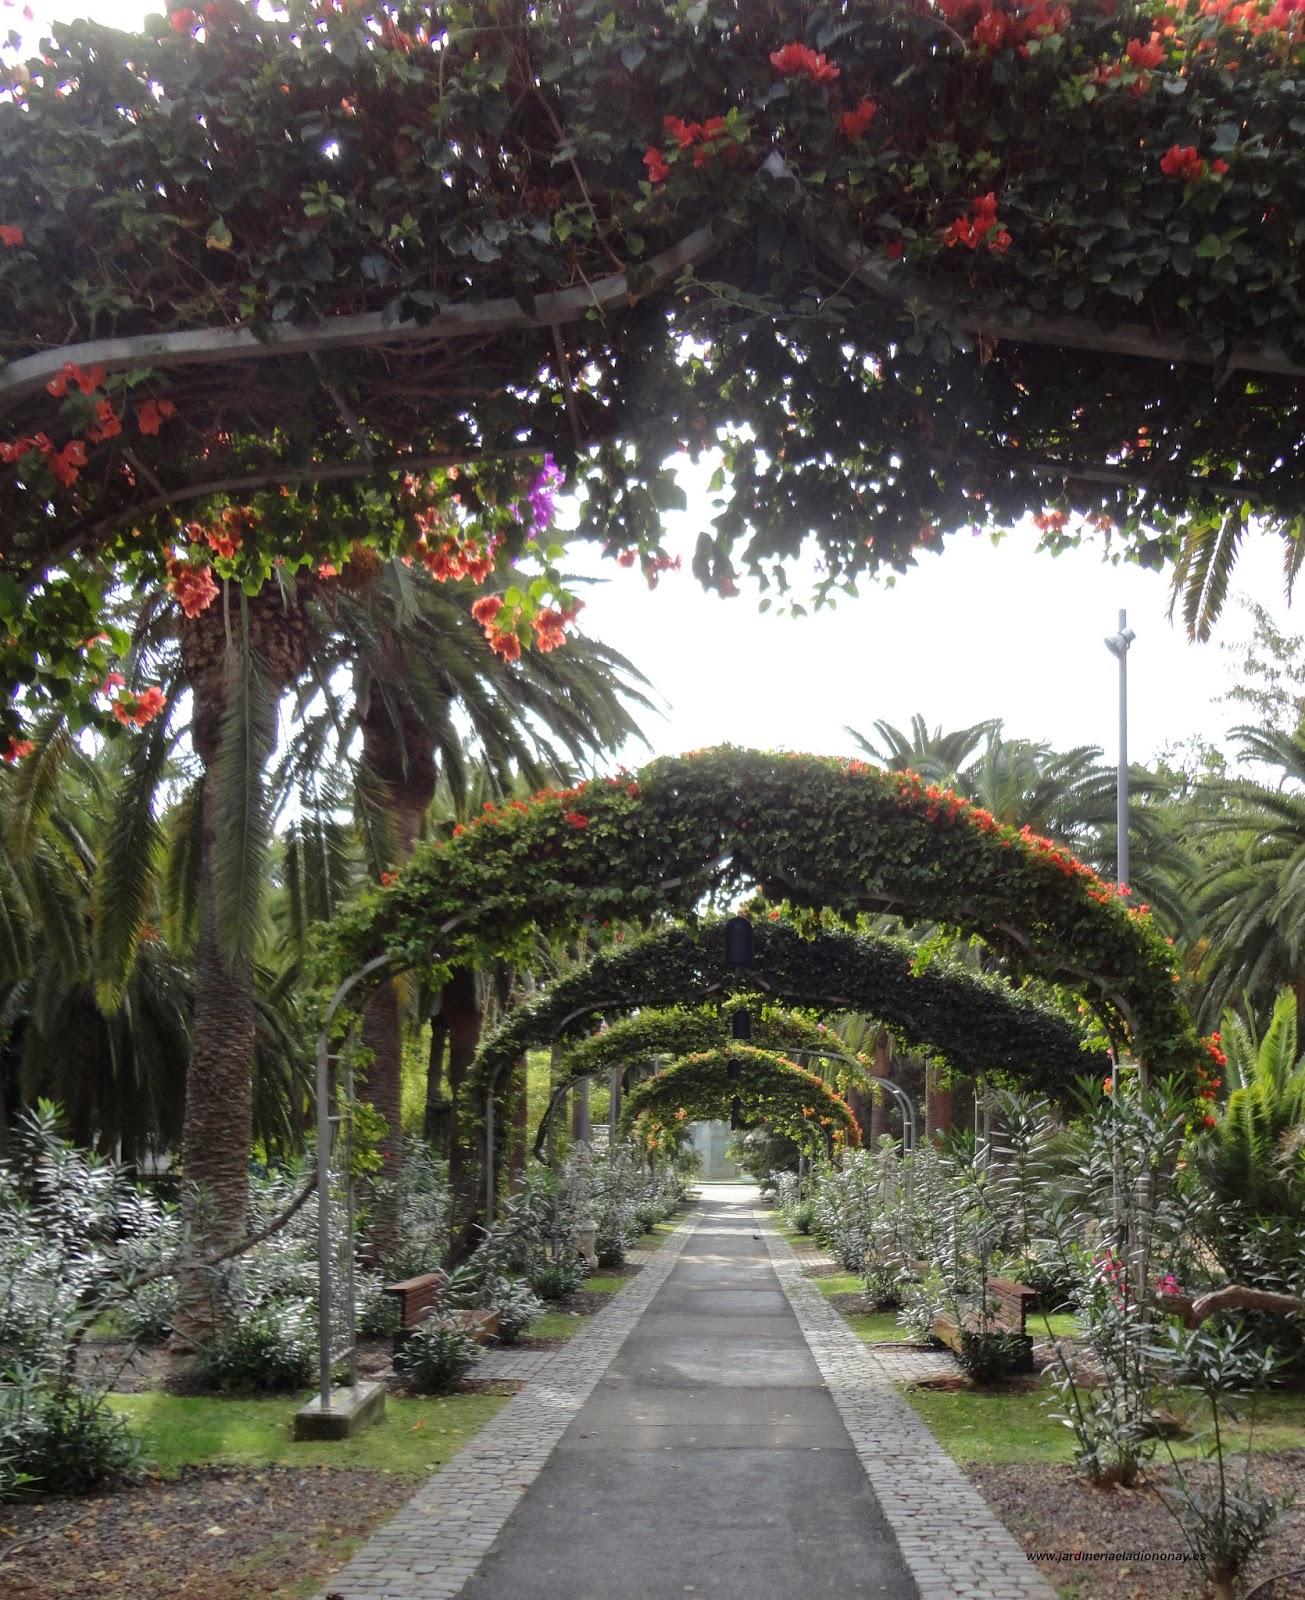 Jardineria eladio nonay arcos en jardiner a jardiner a - Arcos de jardin ...